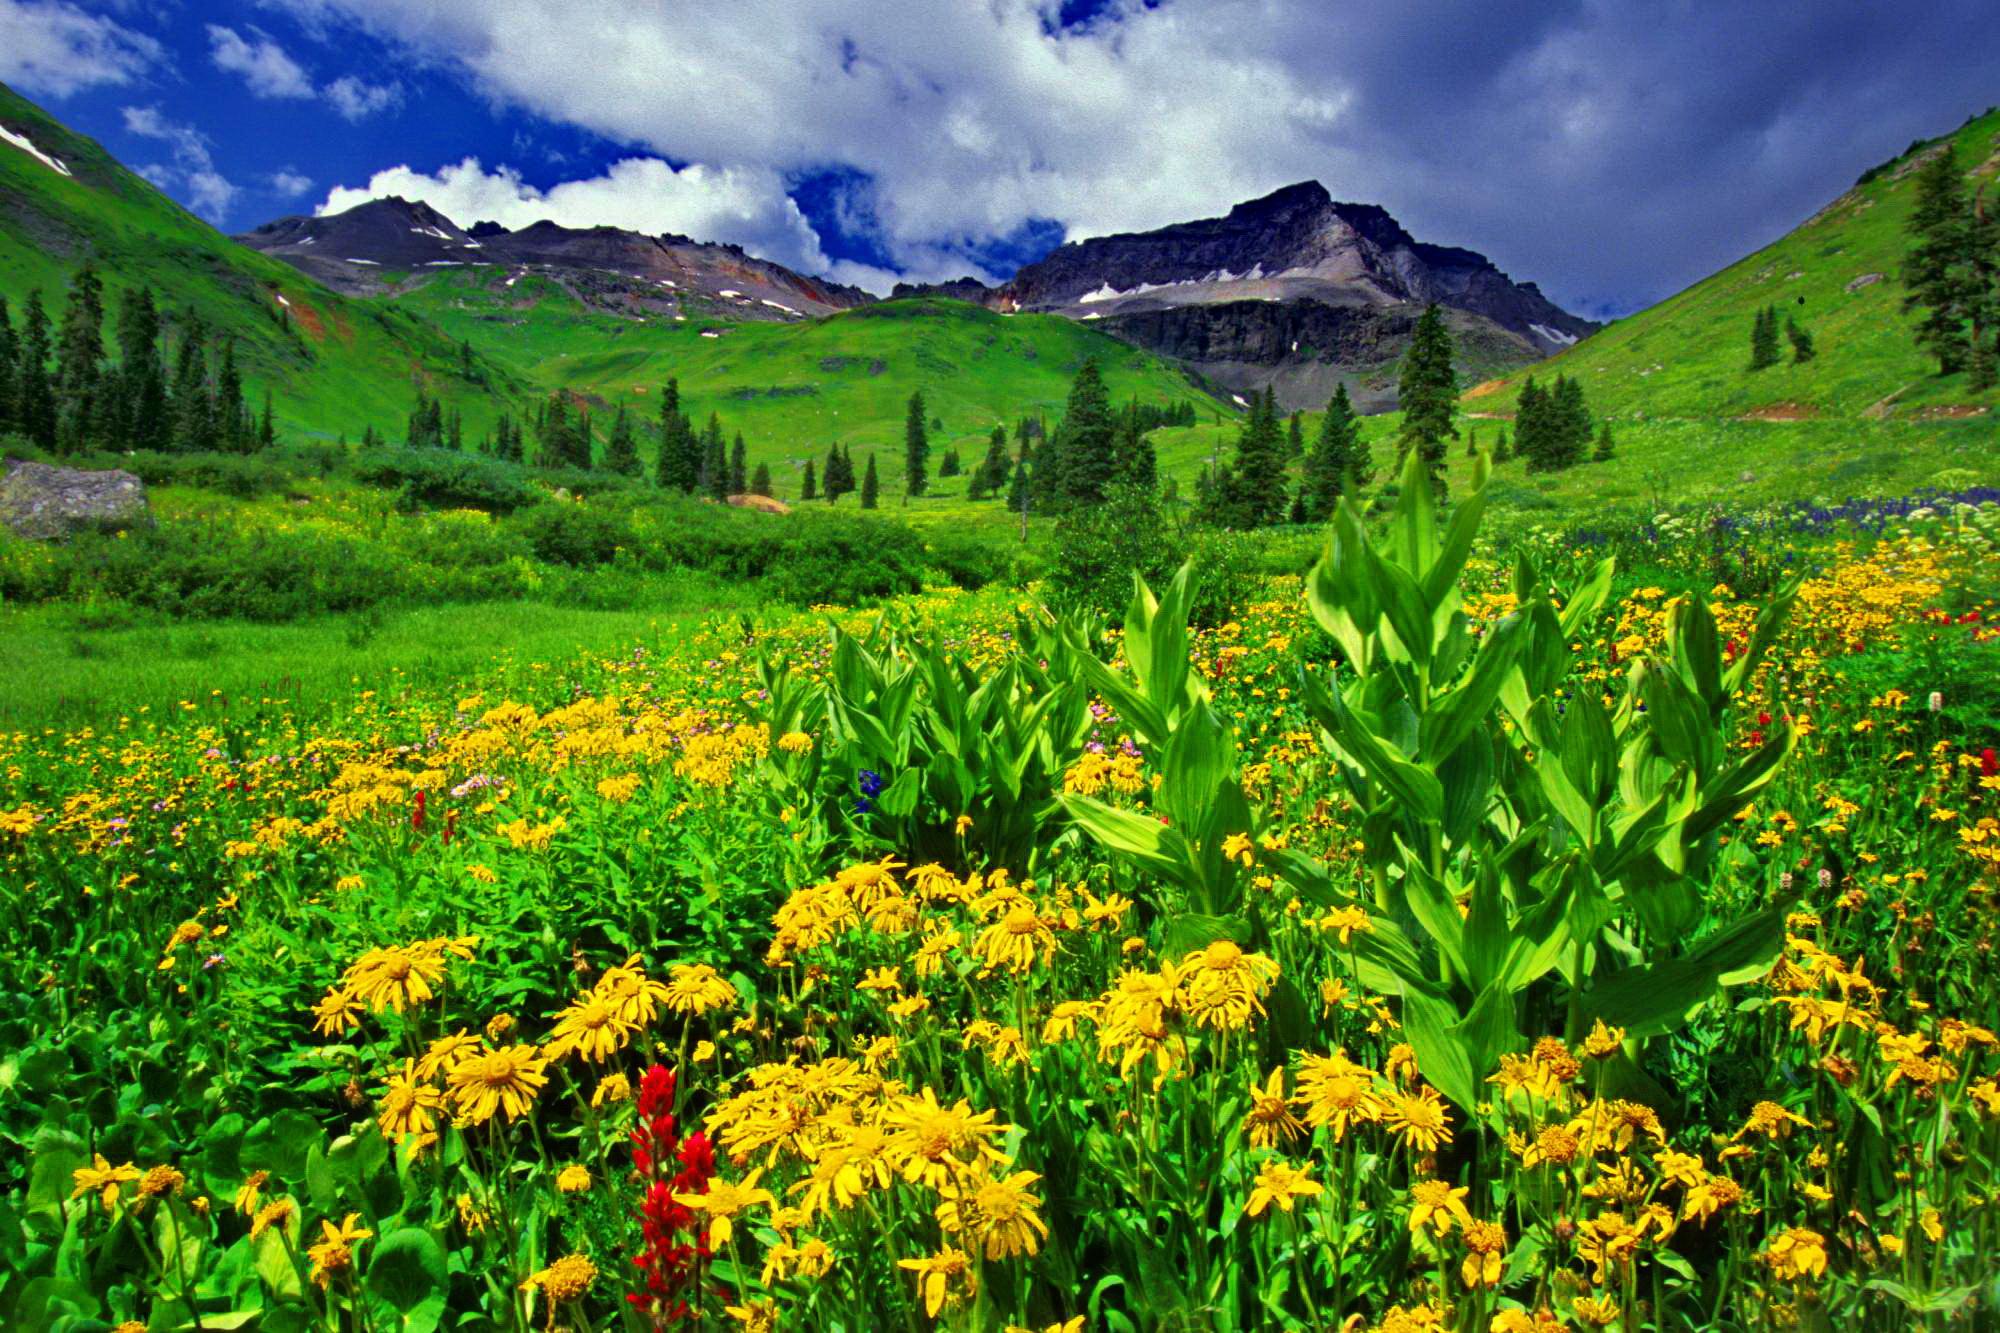 صور صور مناظر خلابة , اروع المناظر الطبيعيه الخلابه